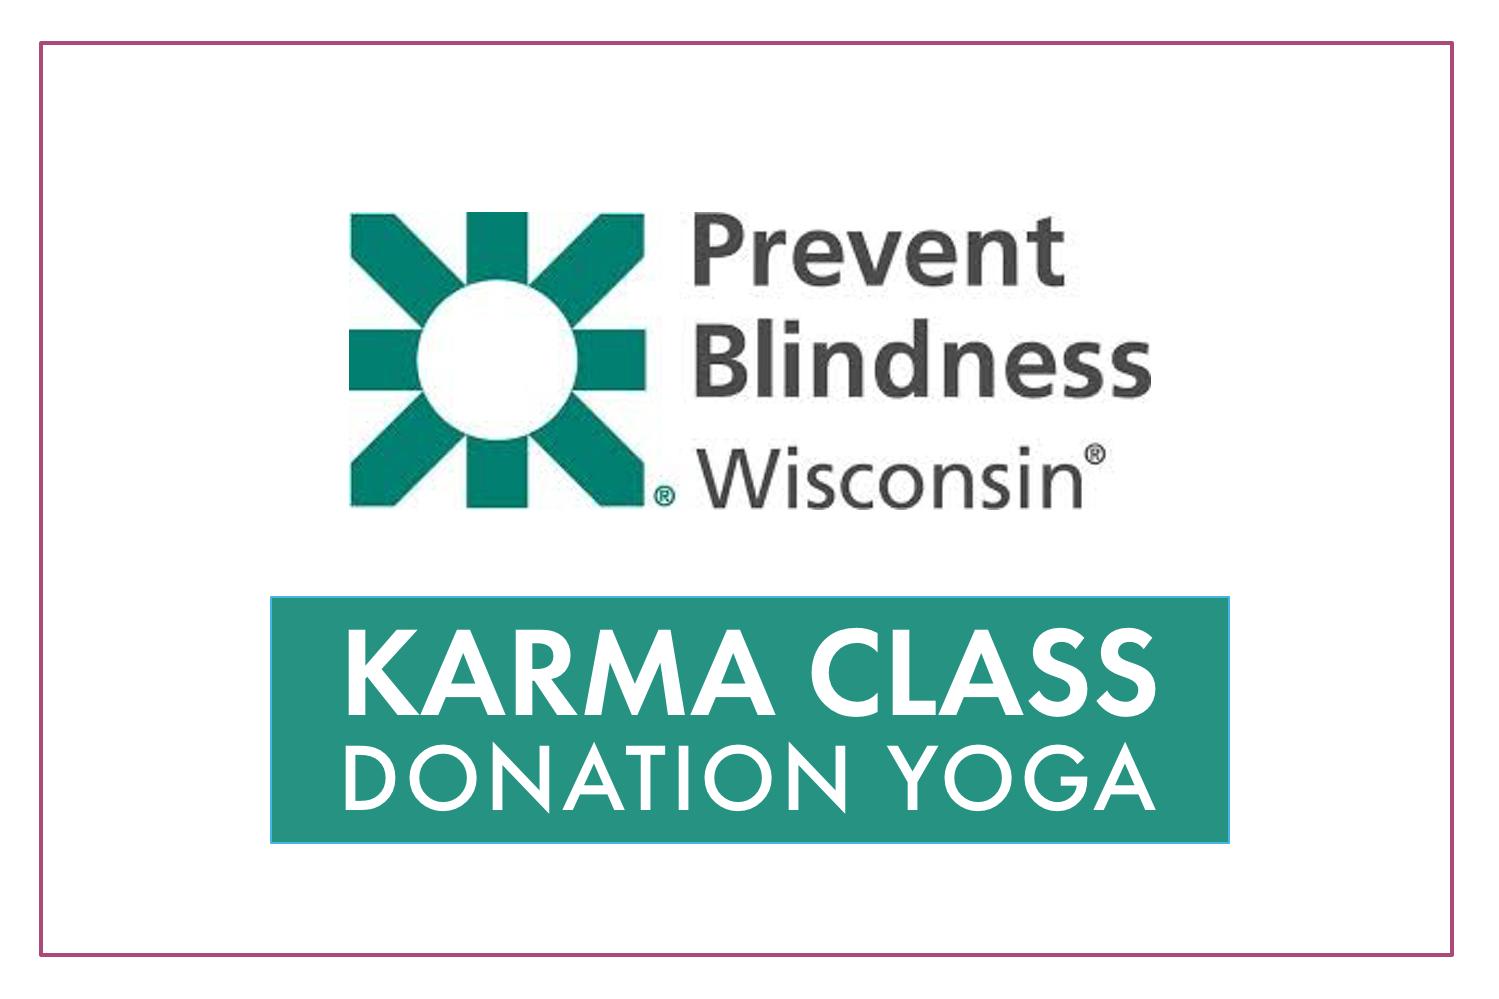 Blind Karma HHY Web.jpg